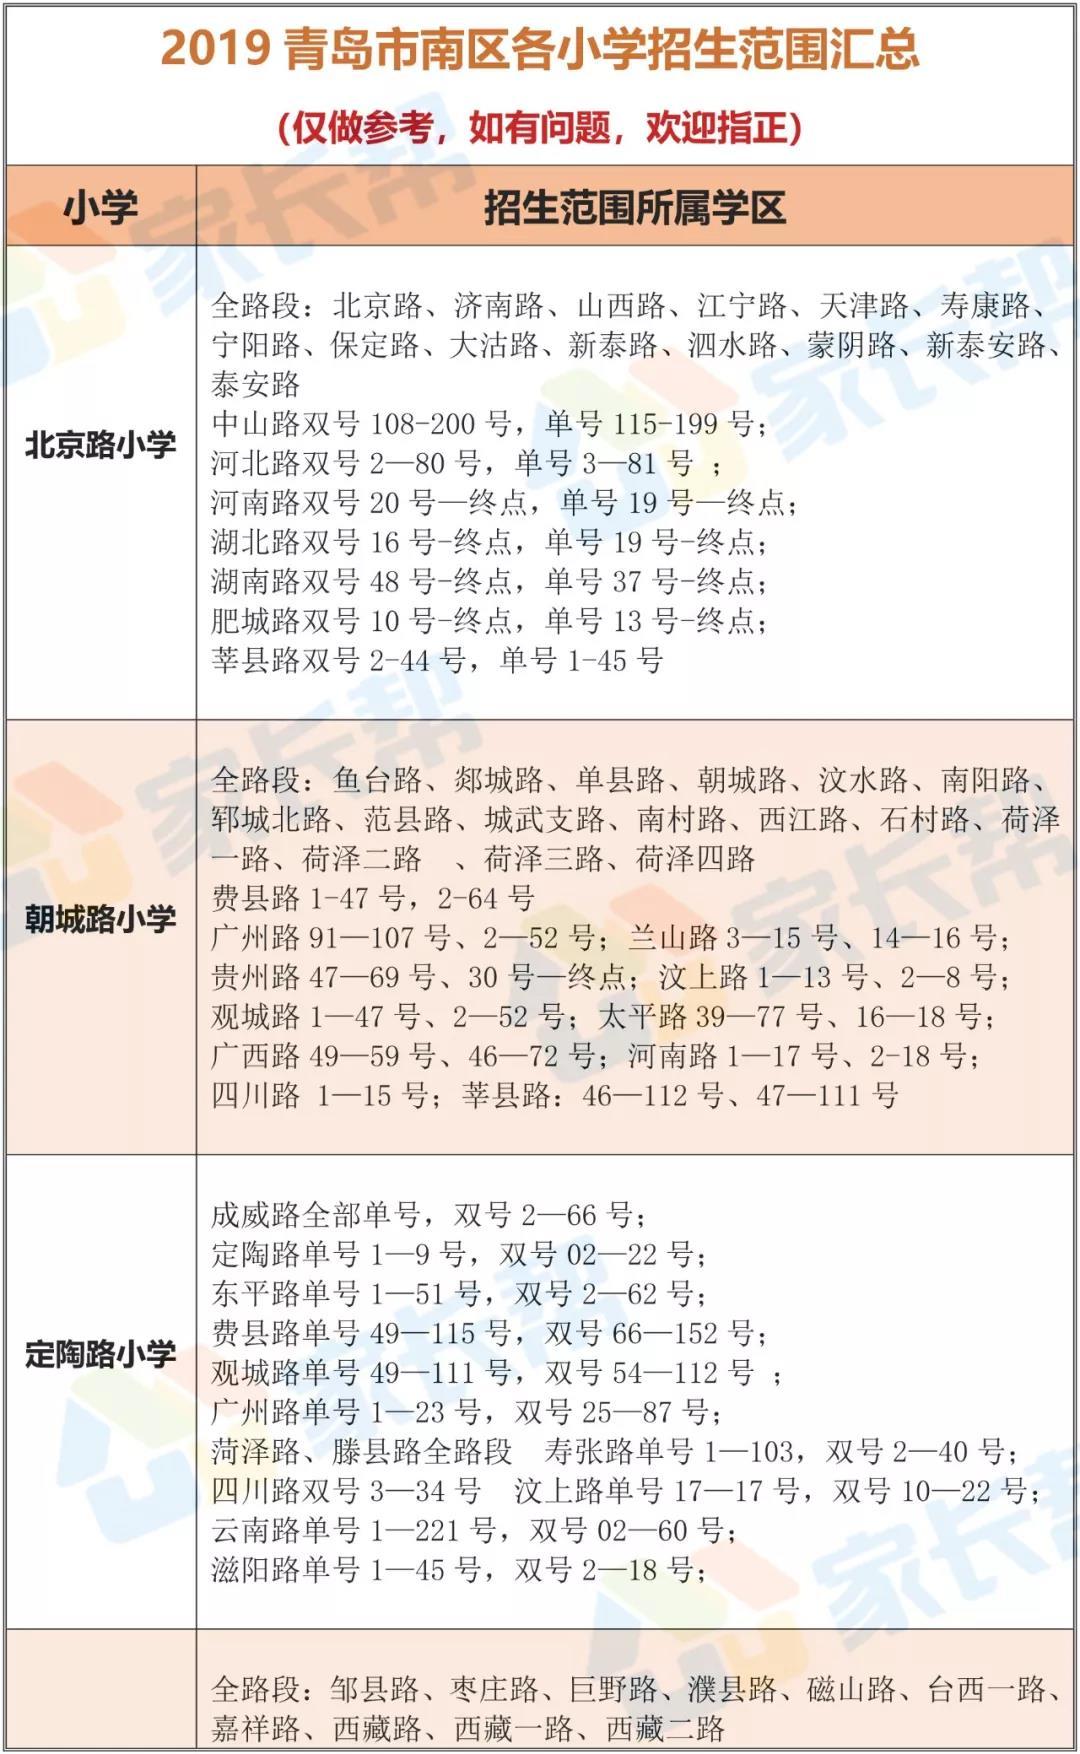 @家长!青岛市内四区最新学区划片出炉!含对口初中!